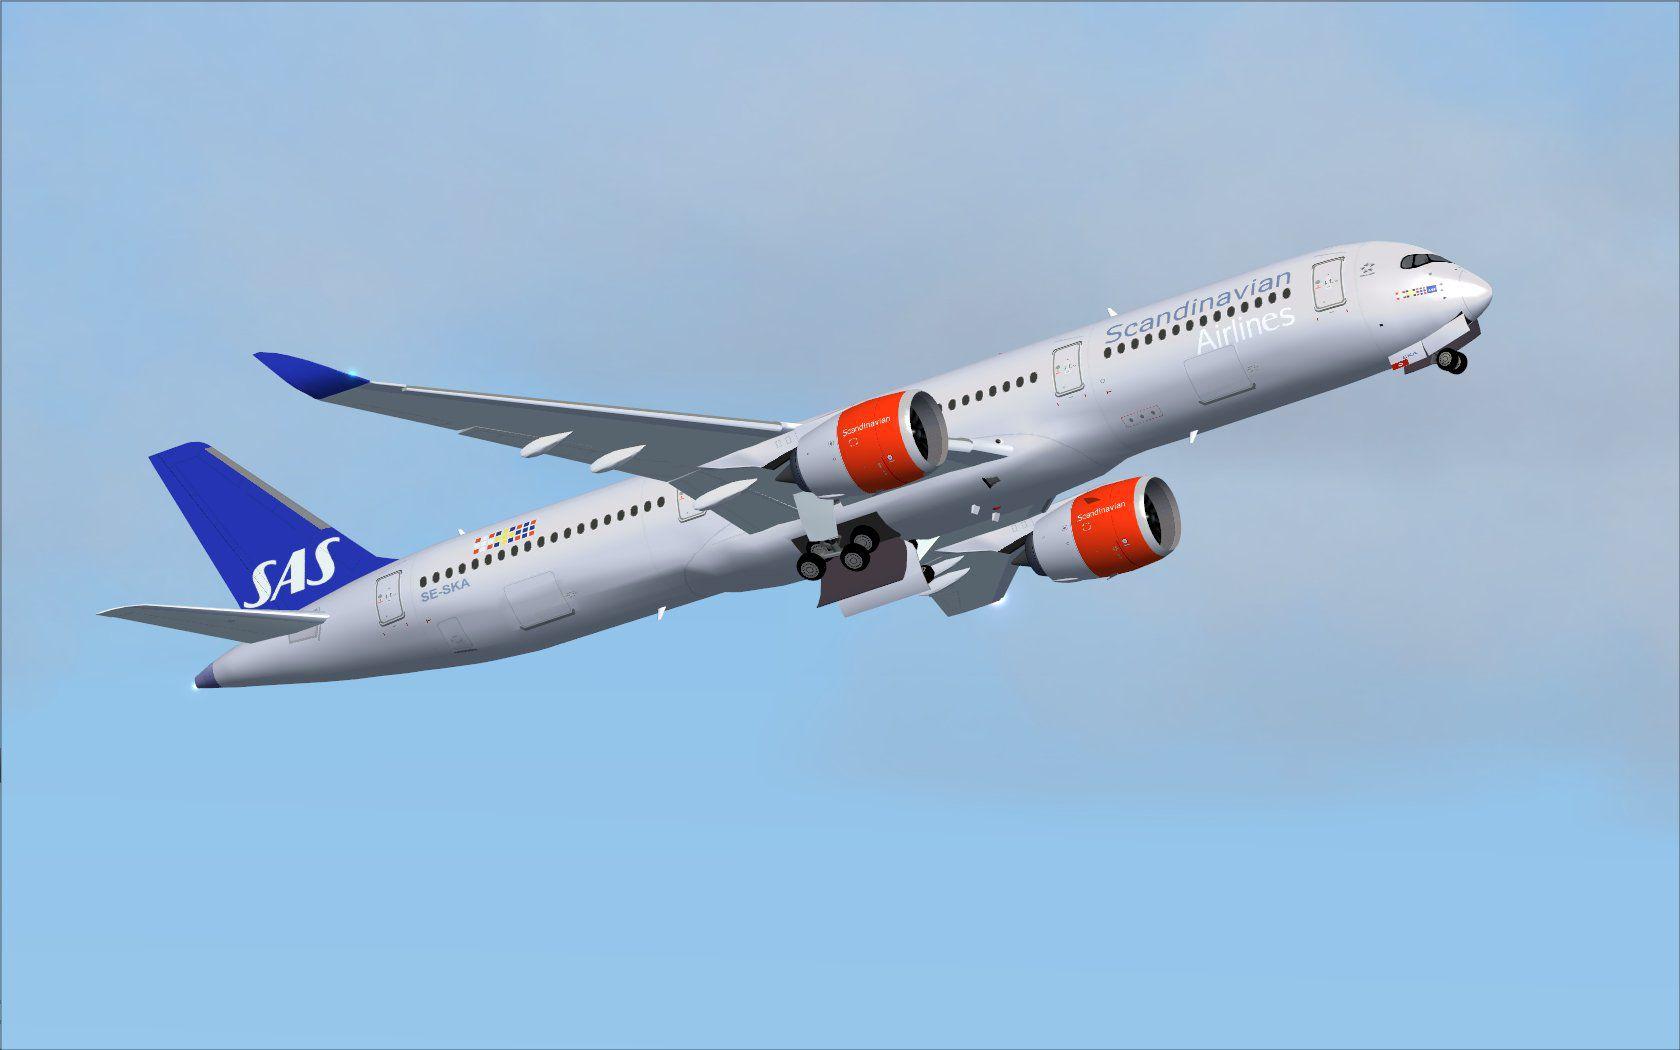 スカンジナビア航空(SK)の新しいエアバス A350路線